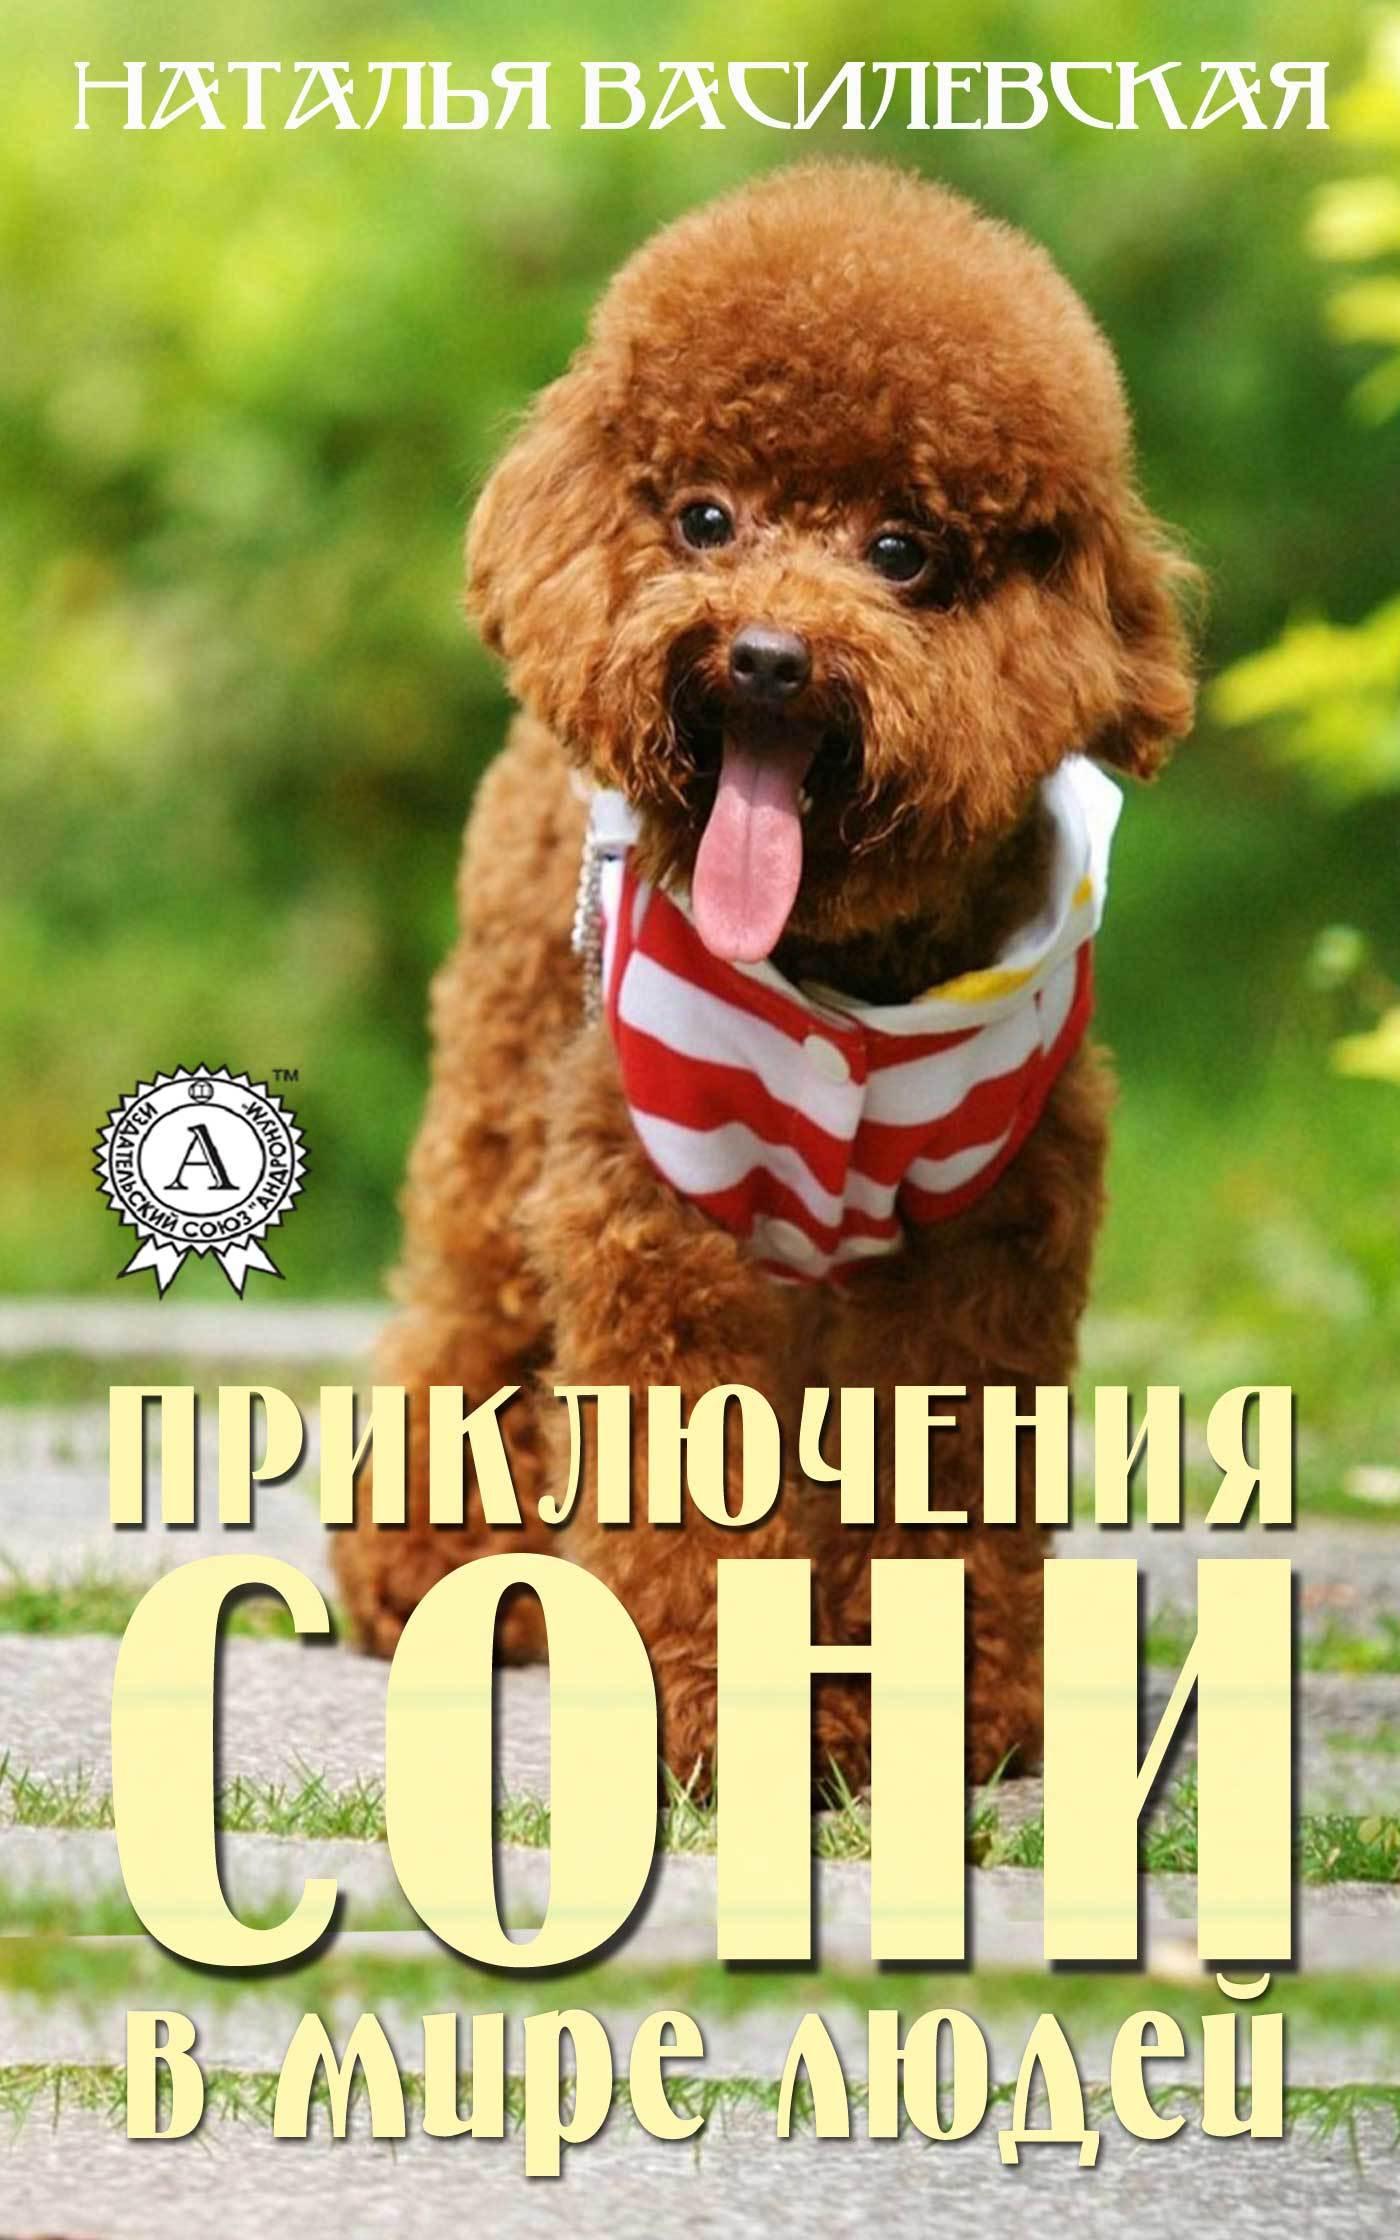 Приключения Сони в мире людей_Наталья Василевская